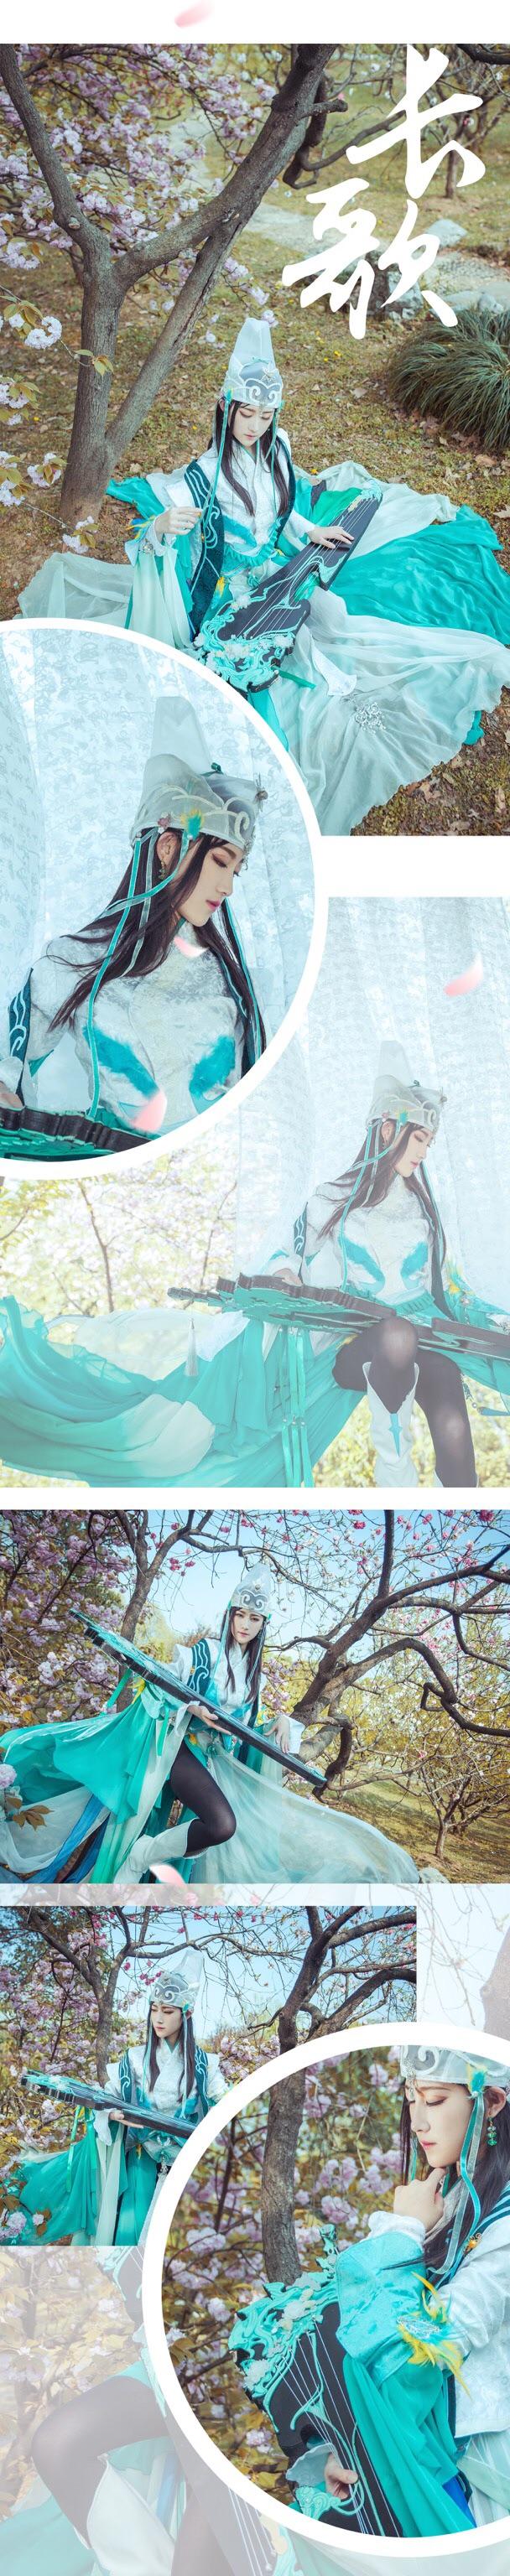 剑网三—燕云琴娘cos,一身青衣,手持古琴,一世风华绝代